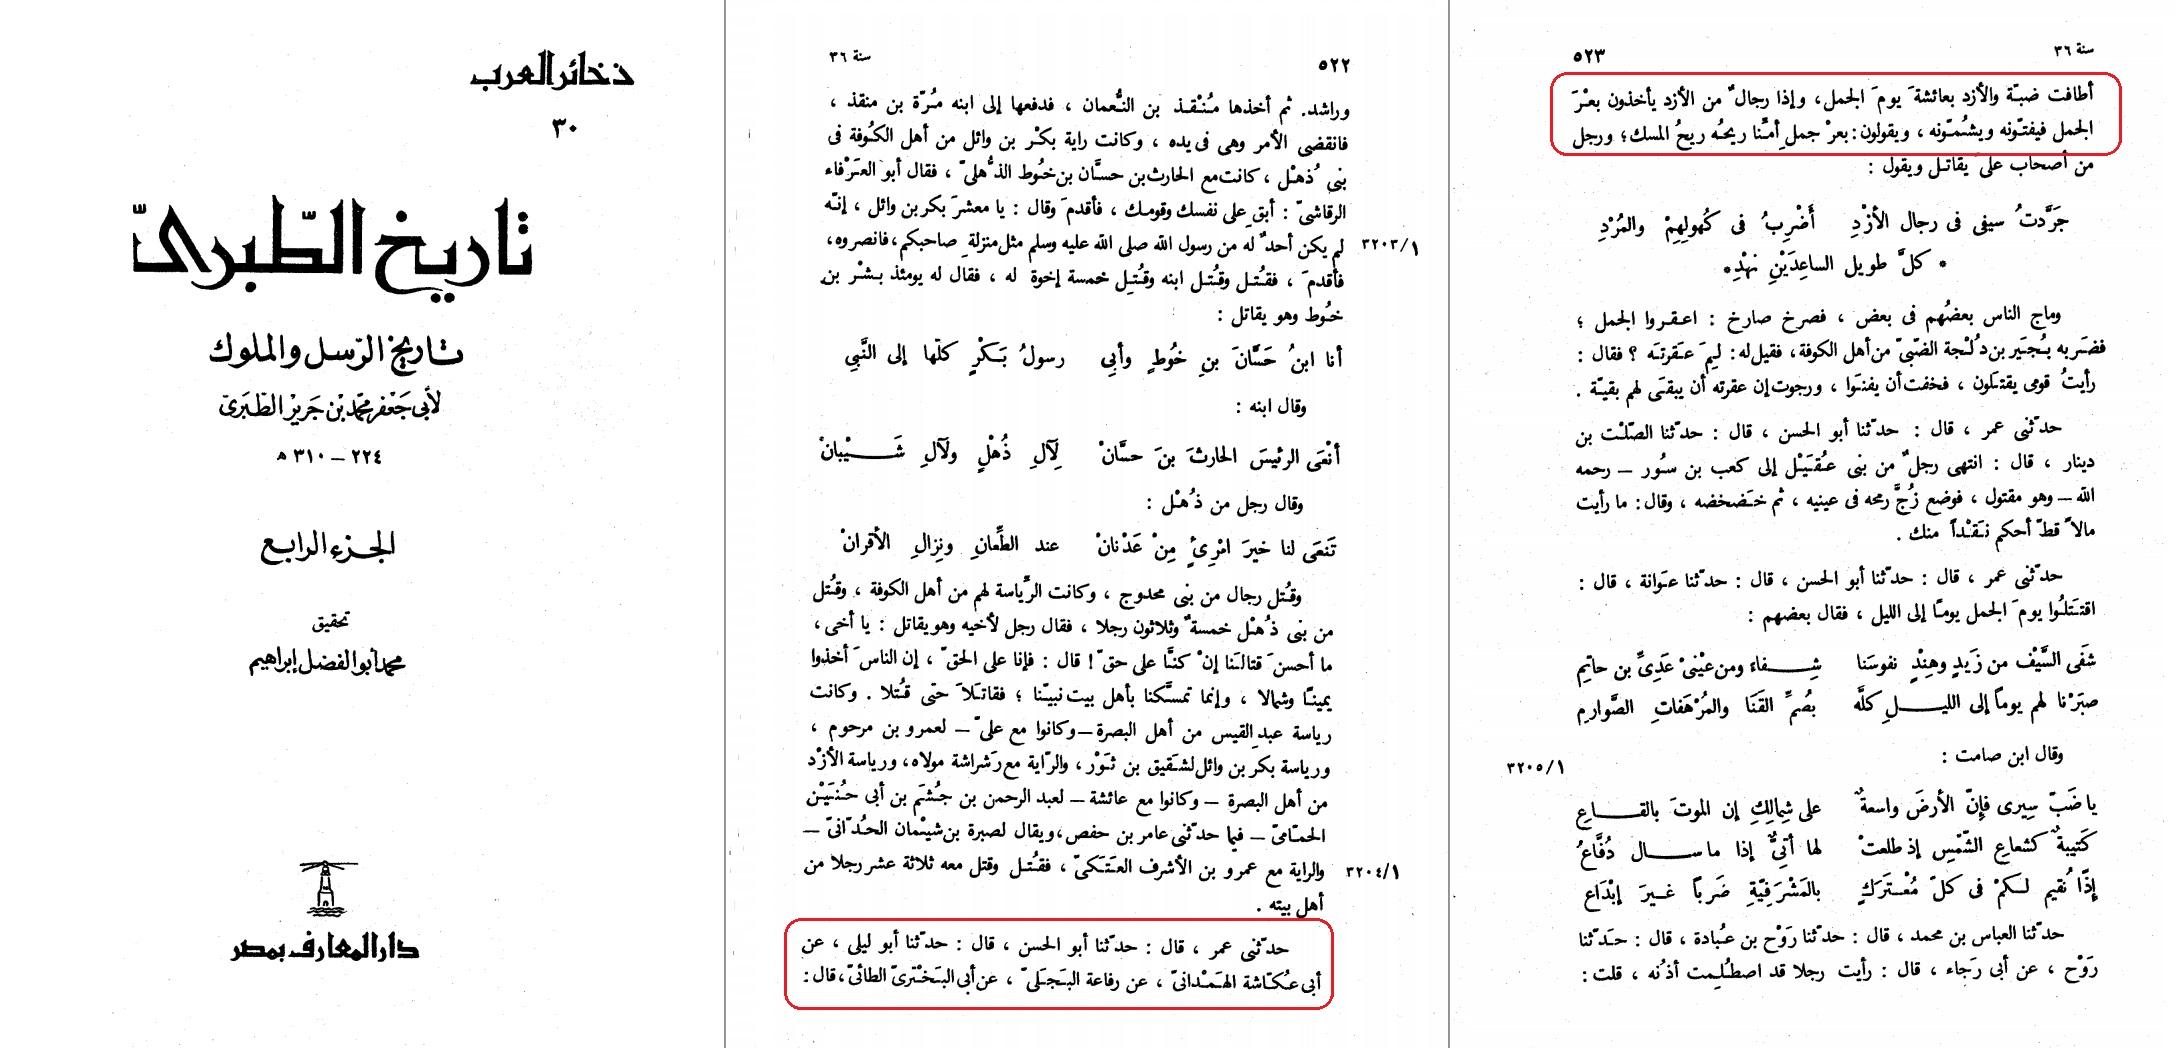 Tari5-e Tabari B 4 S 522 - 523